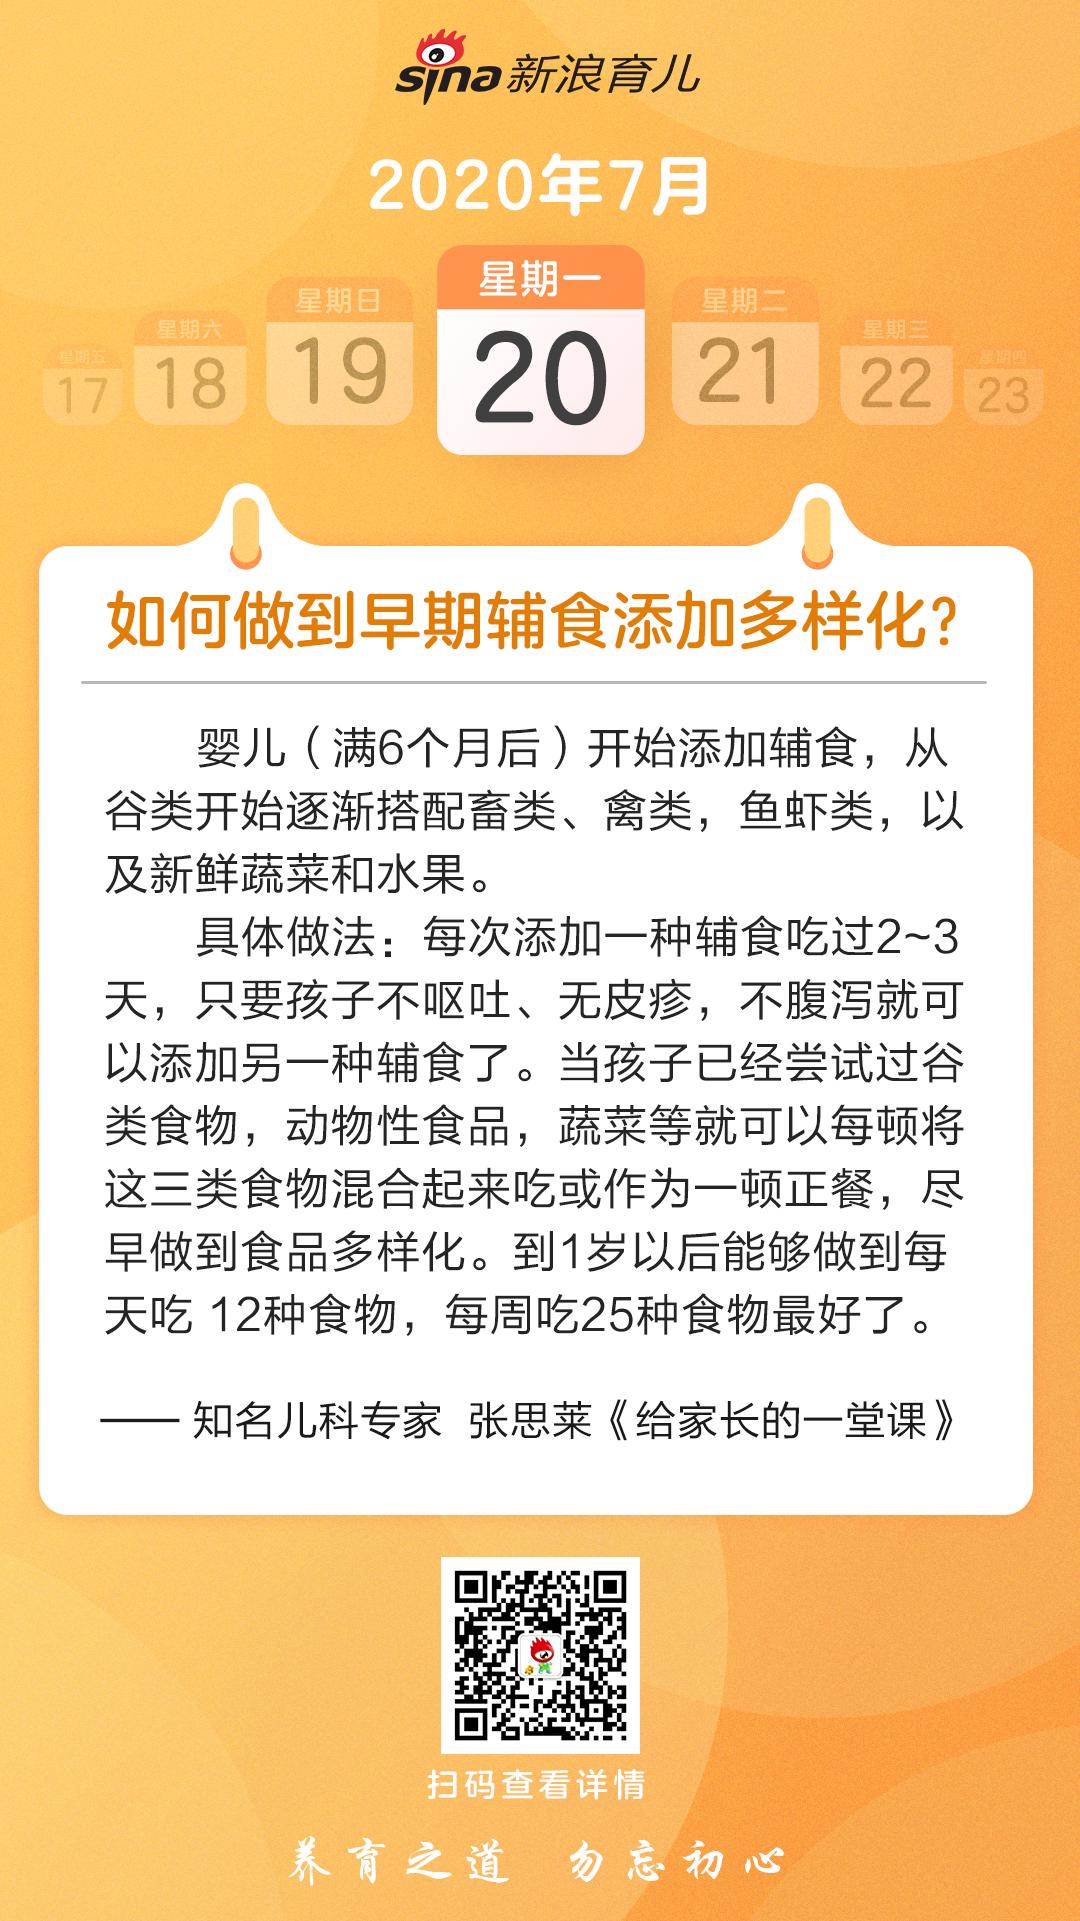 【育儿日历】如何做到早期辅食添加多样化?